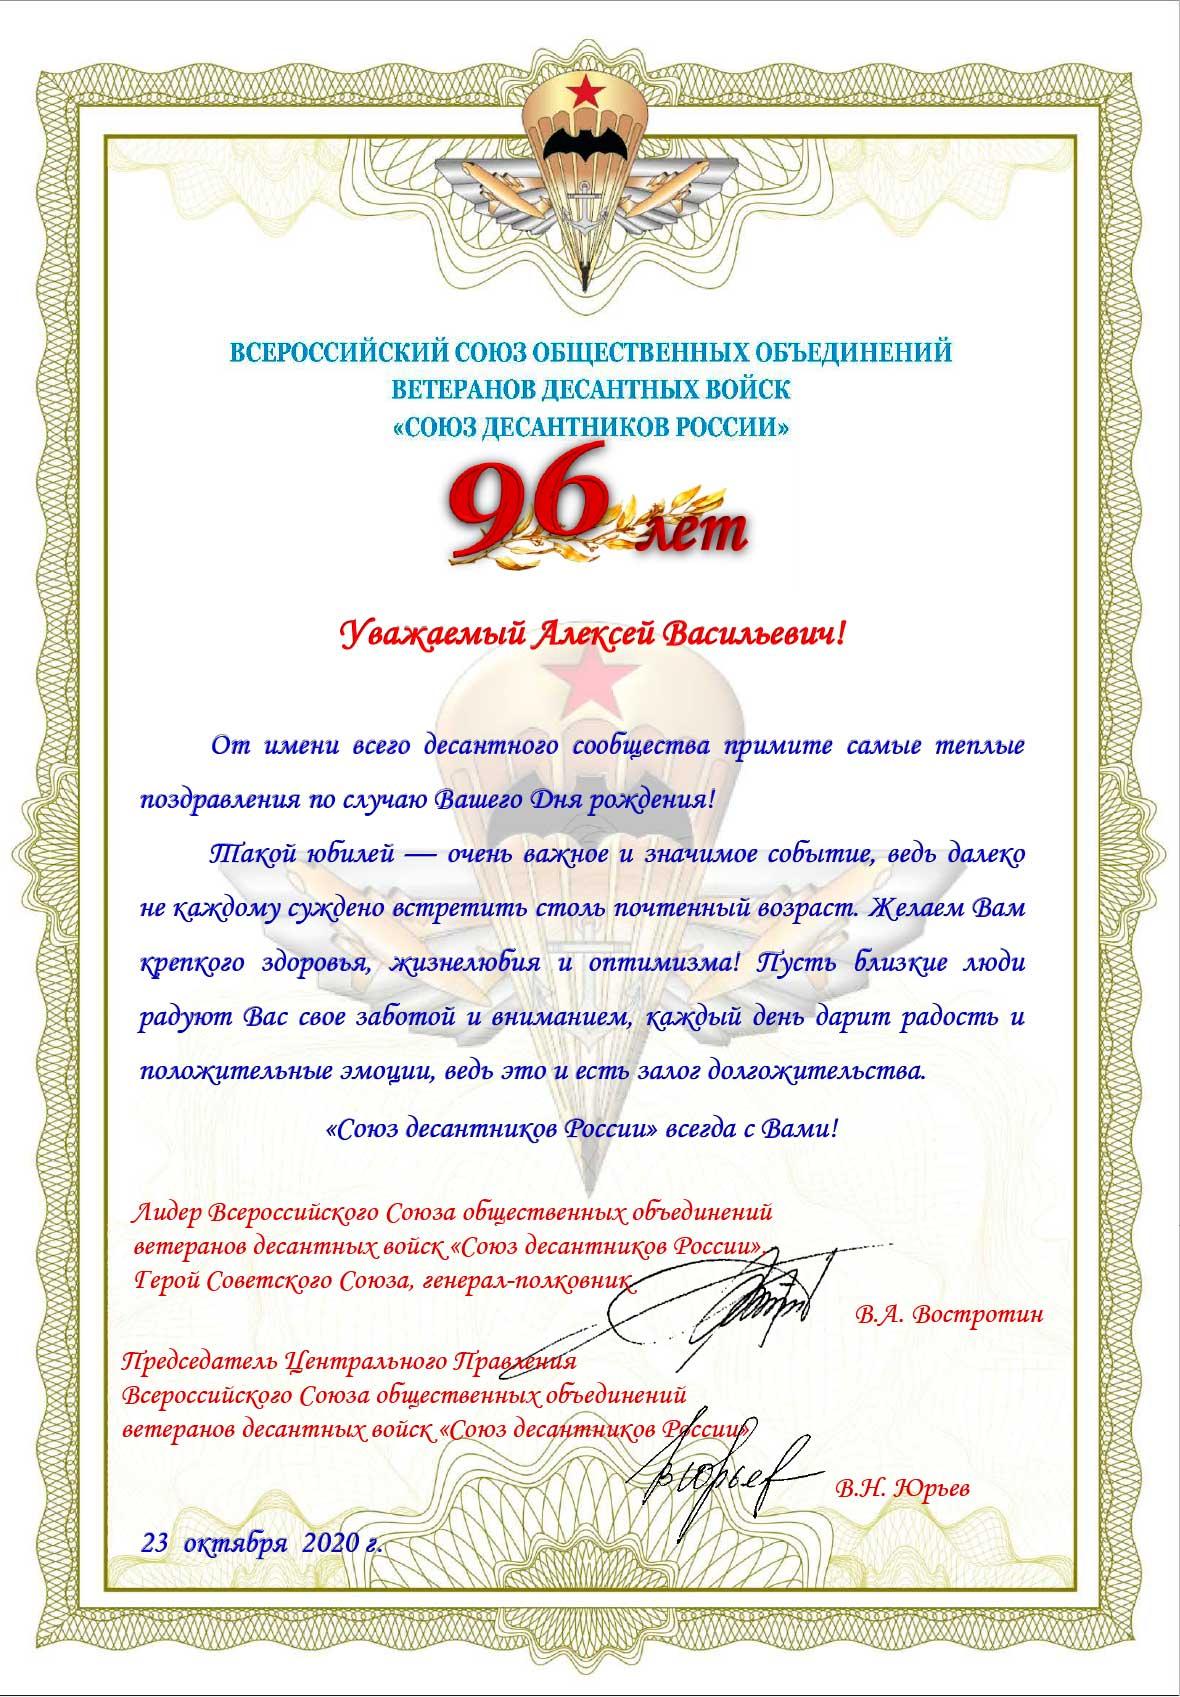 ПОЗДРАВЛЯЕМ С 96-ЛЕТИЕМ гвардии полковника ВДВ КУКУШКИНА АЛЕКСЕЯ ВАСИЛЬЕВИЧА